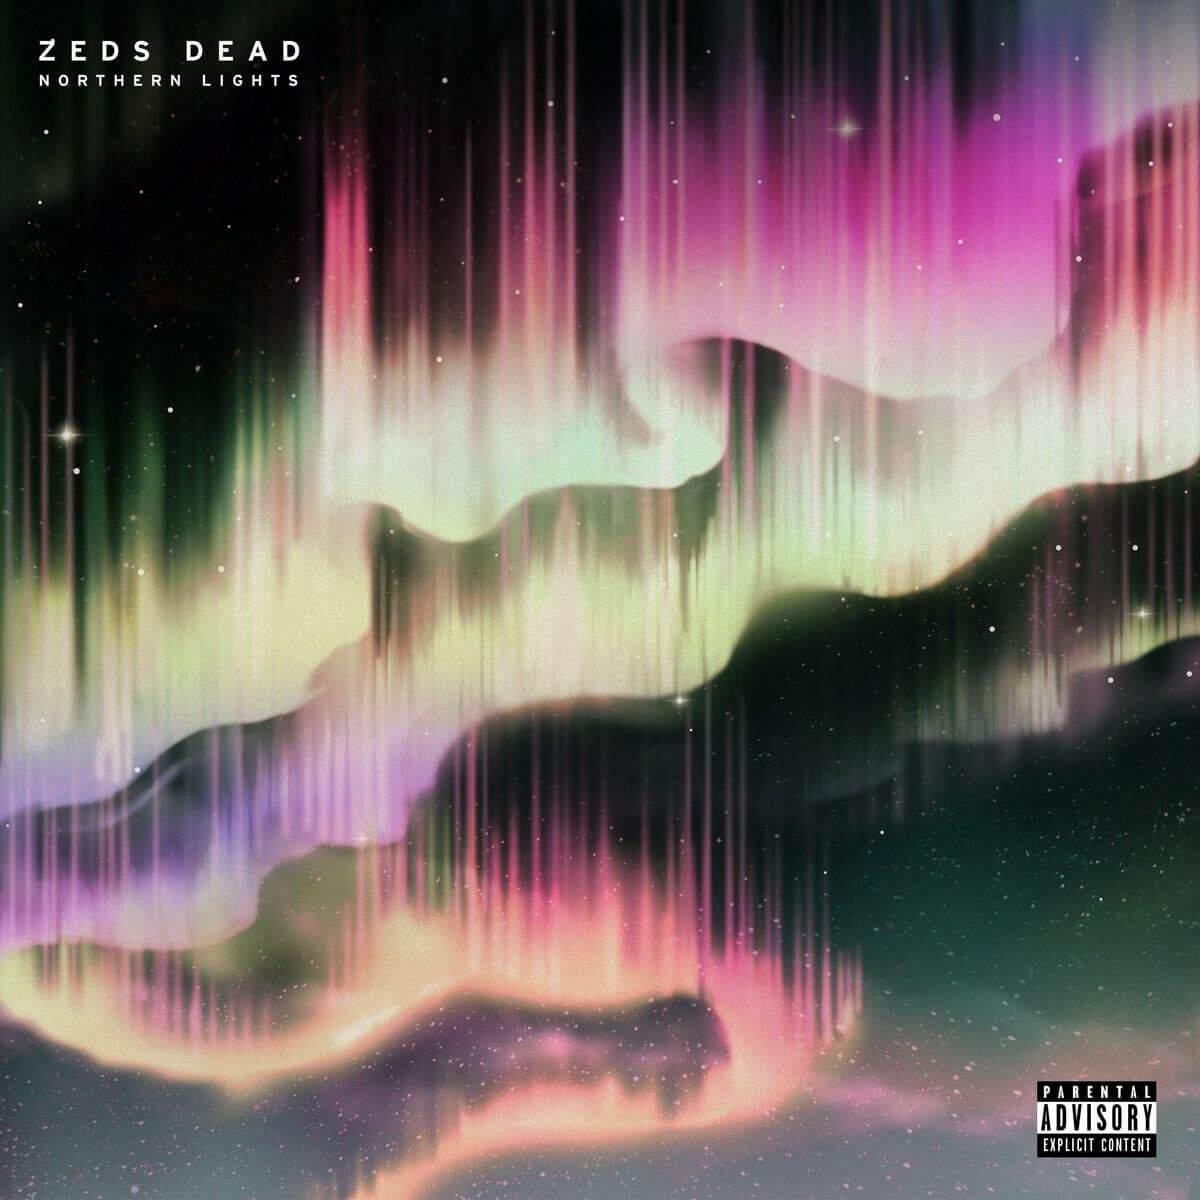 Zeds Dead Northern Lights vinyl